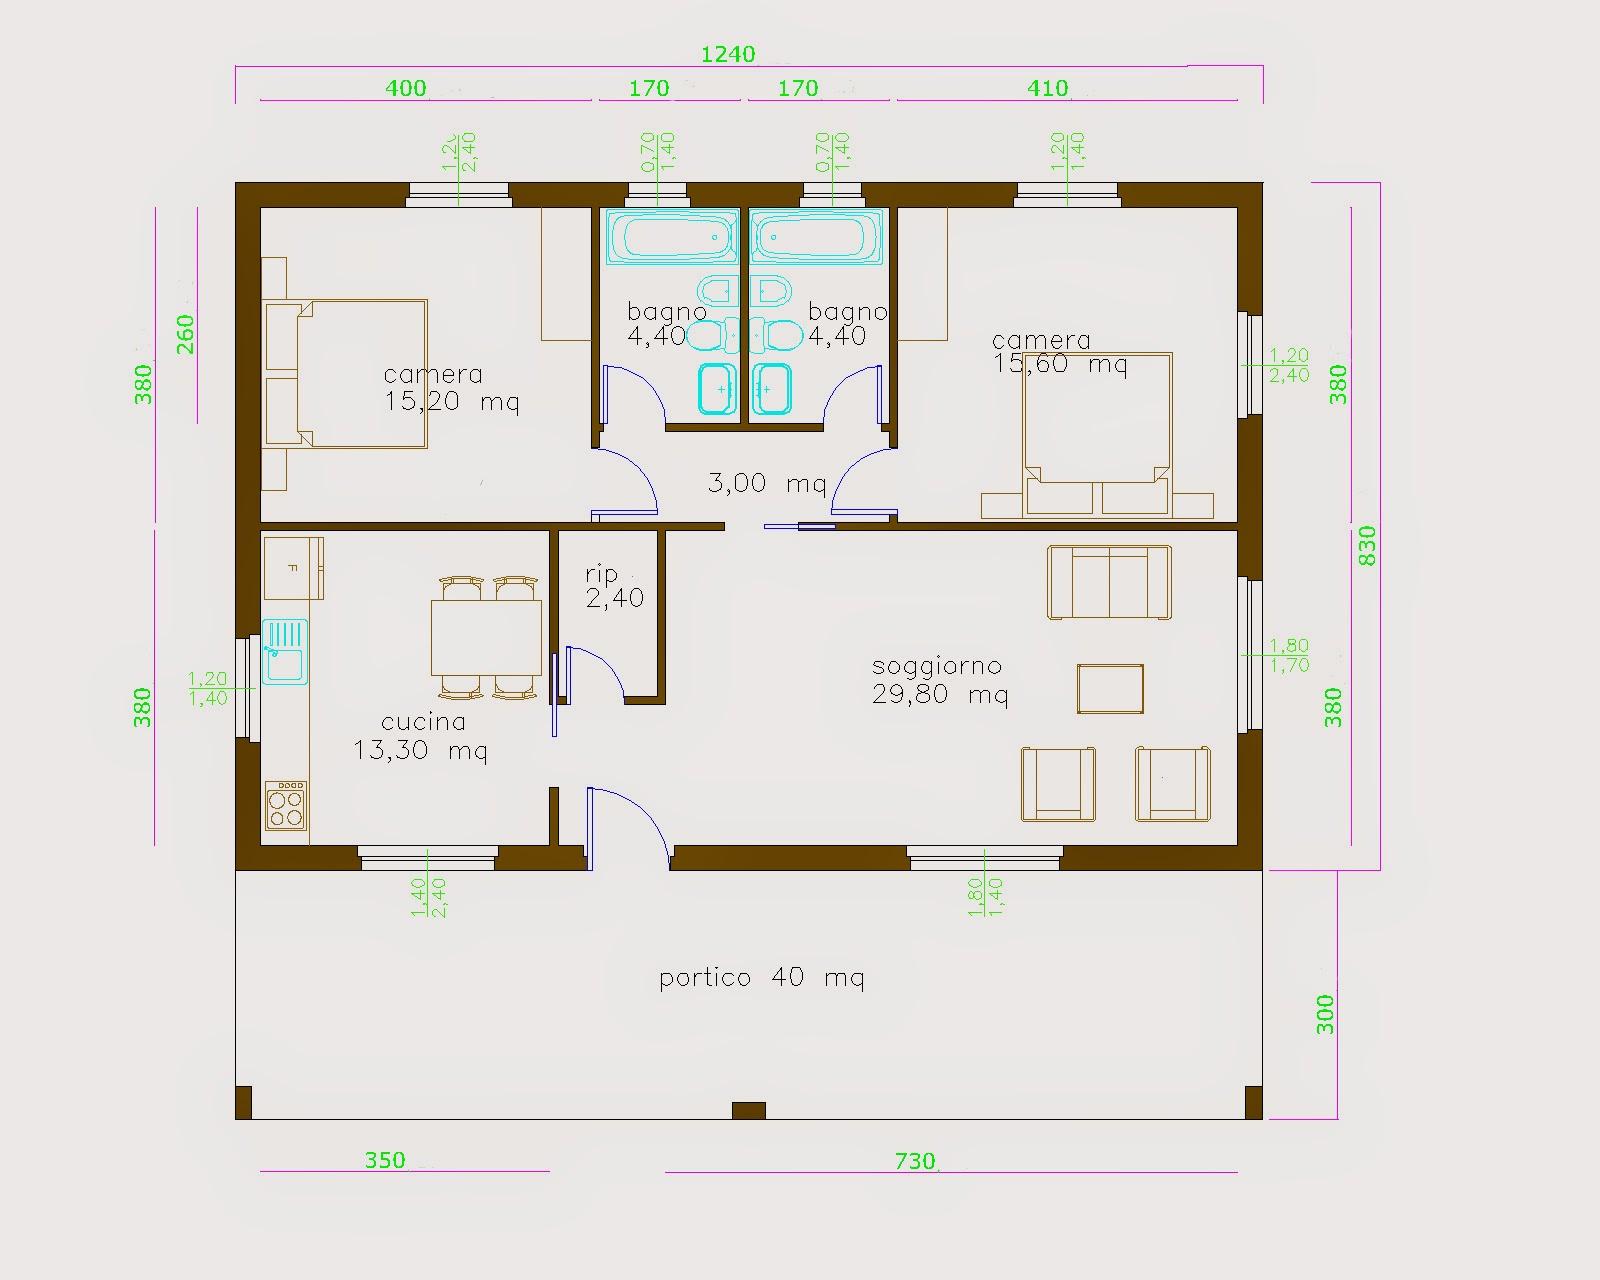 Appartamento 120 mq progetto ko61 regardsdefemmes - Progetto casa 80 mq ...